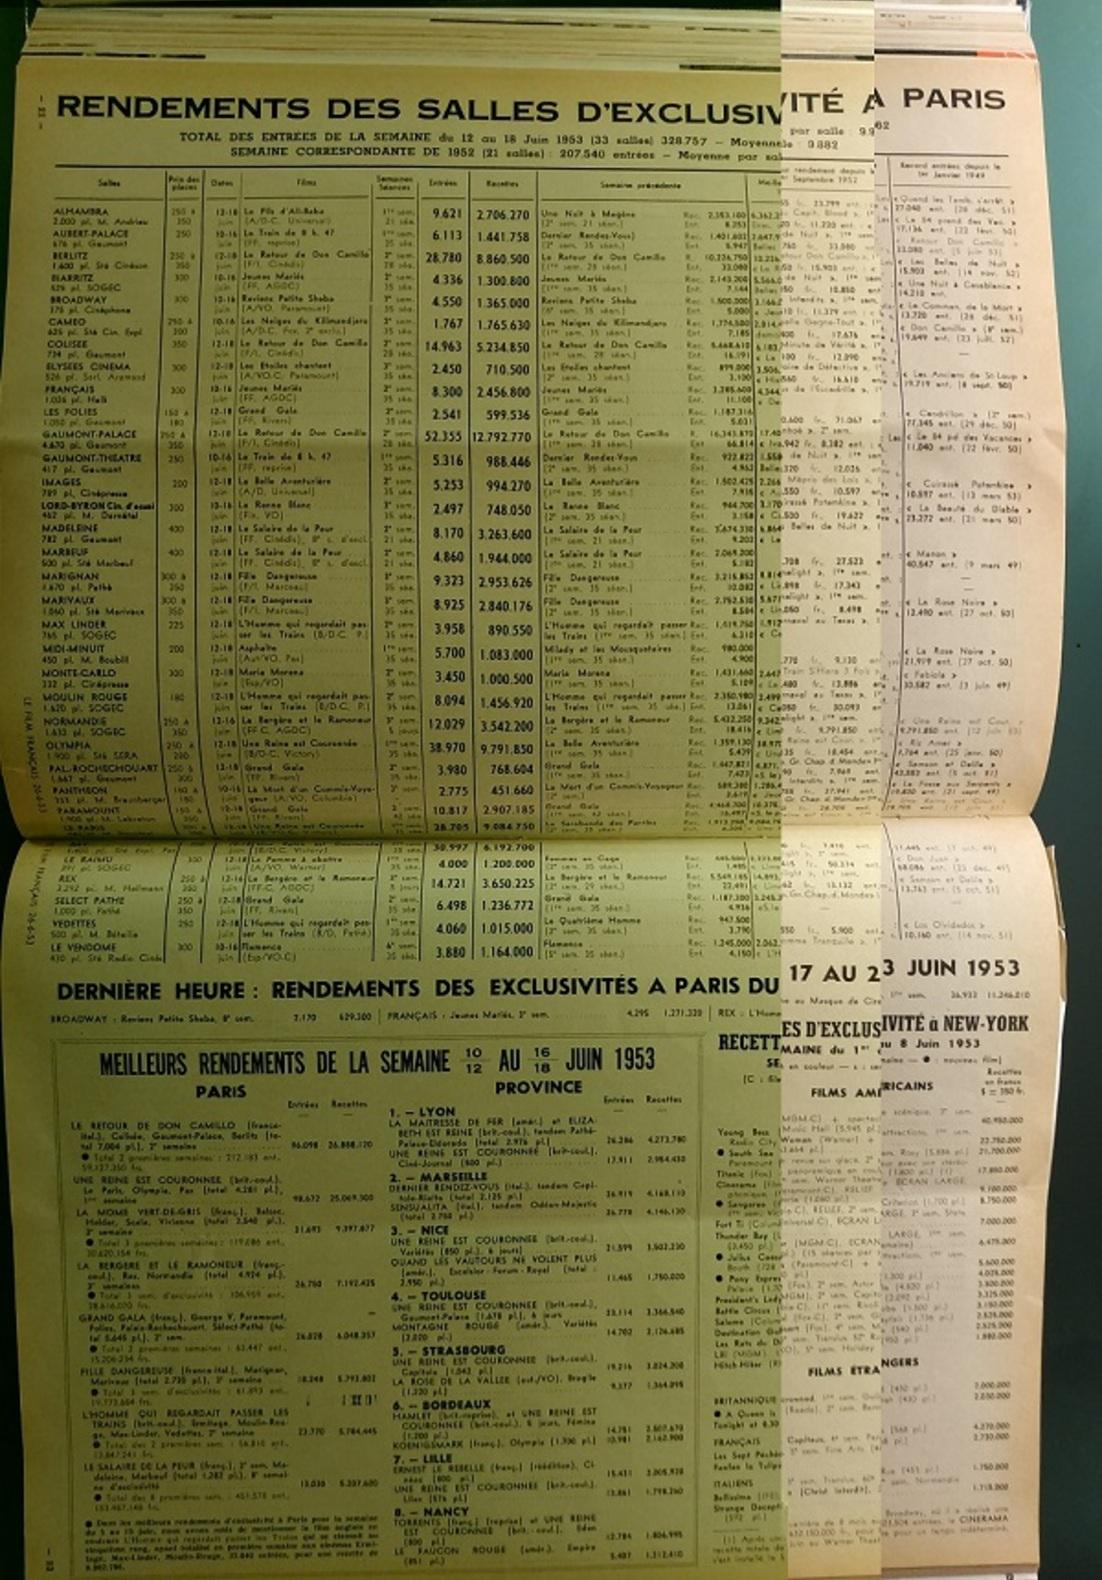 BOX OFFICE PARIS DU 12 JUIN 1953 AU 18 JUIN 1954